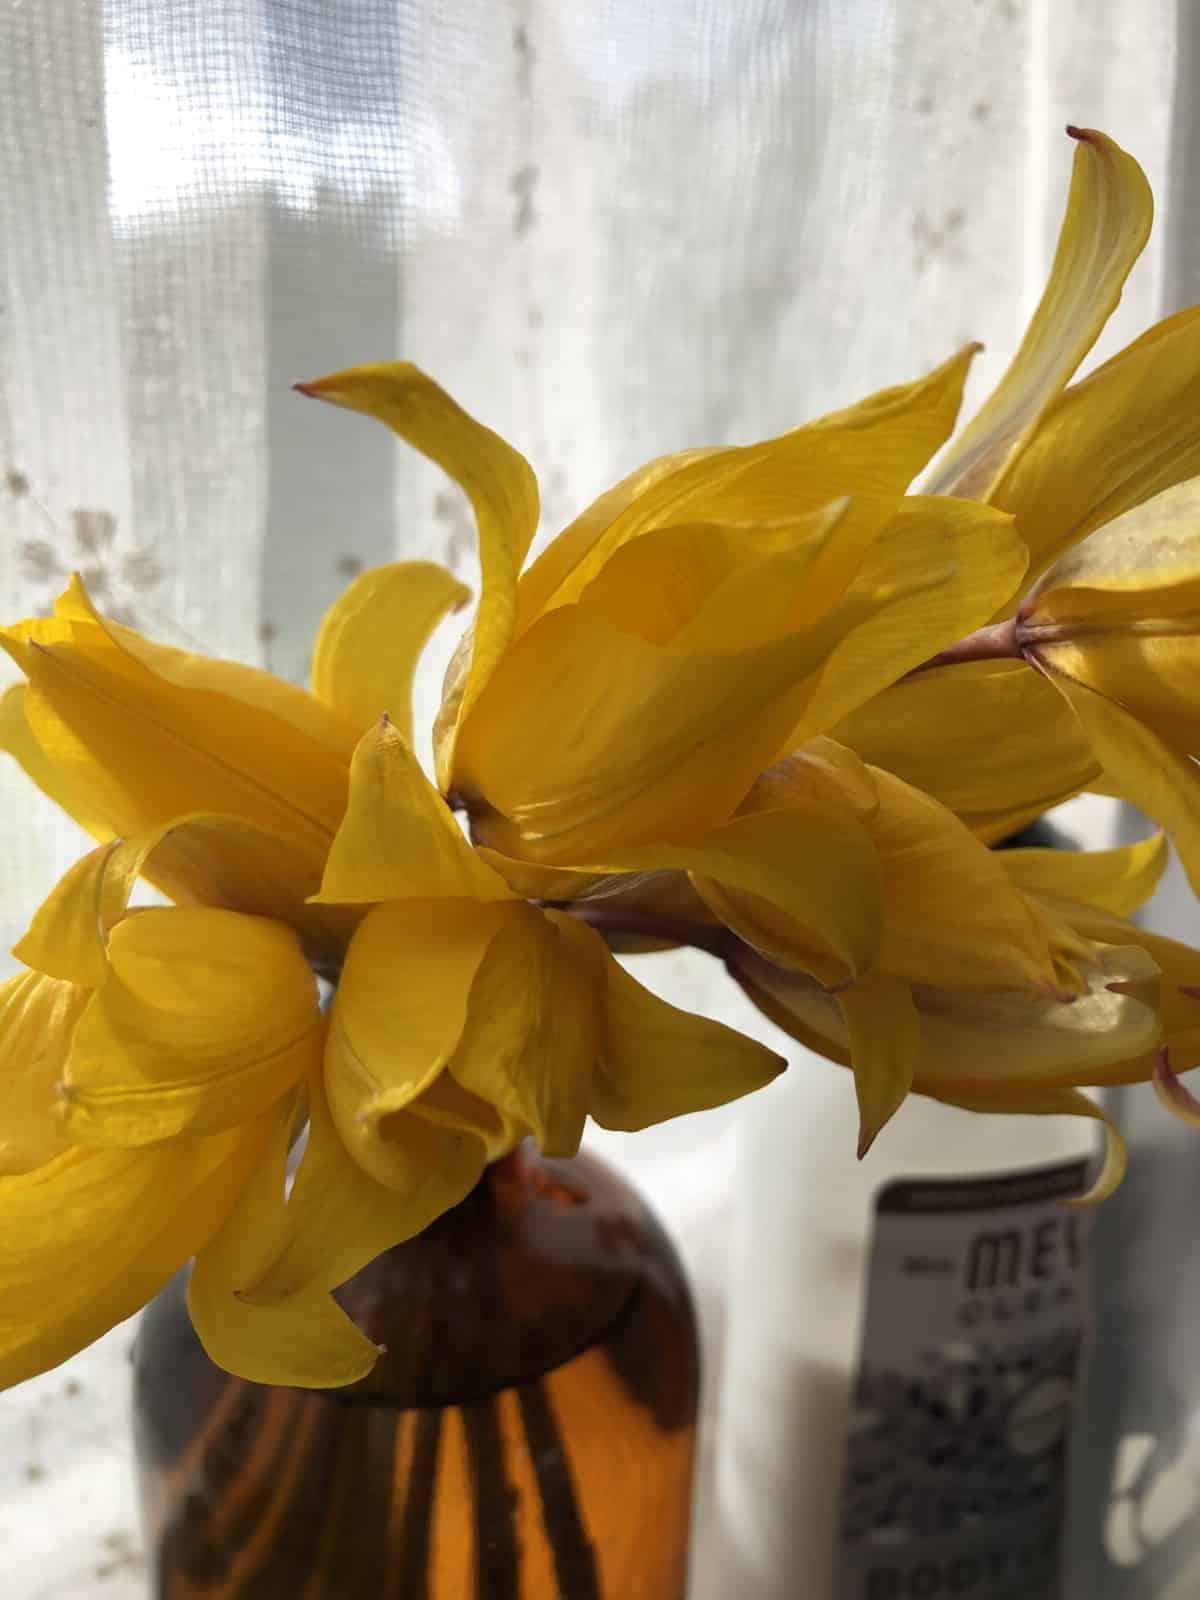 spring daffodils in vase